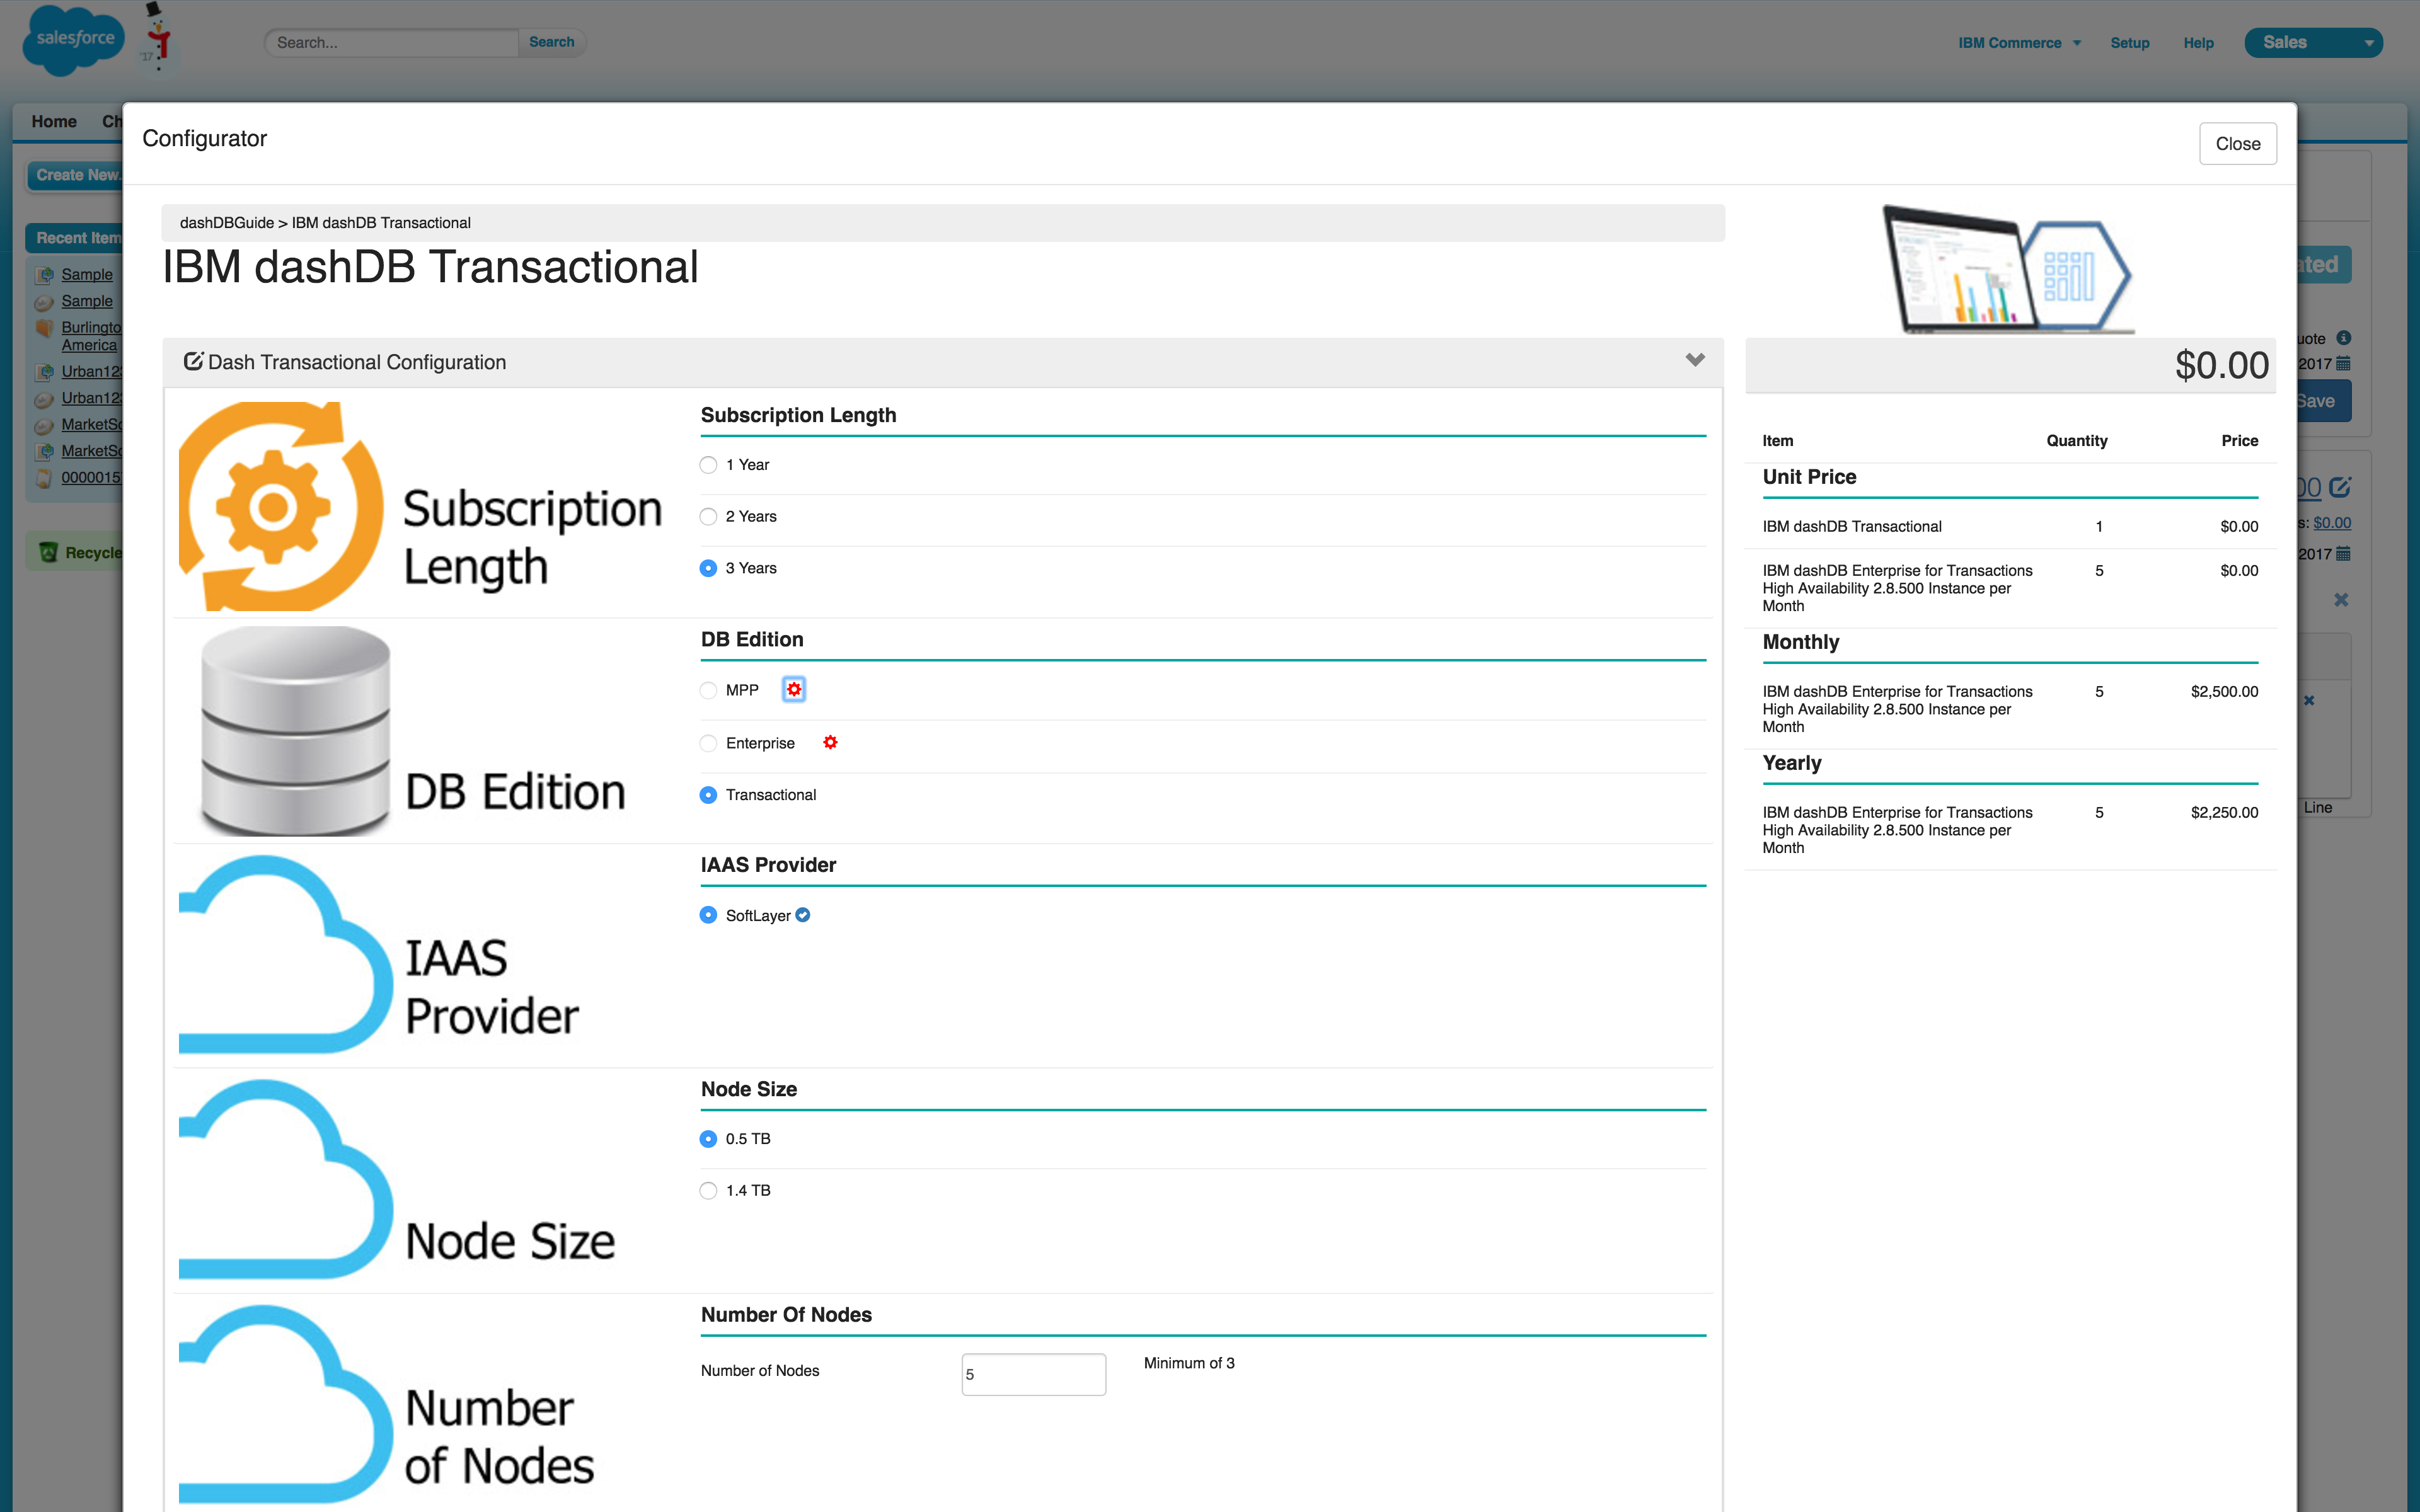 IBM CPQ Demo - IBM CPQ - Configurator - Transactional Dashboard